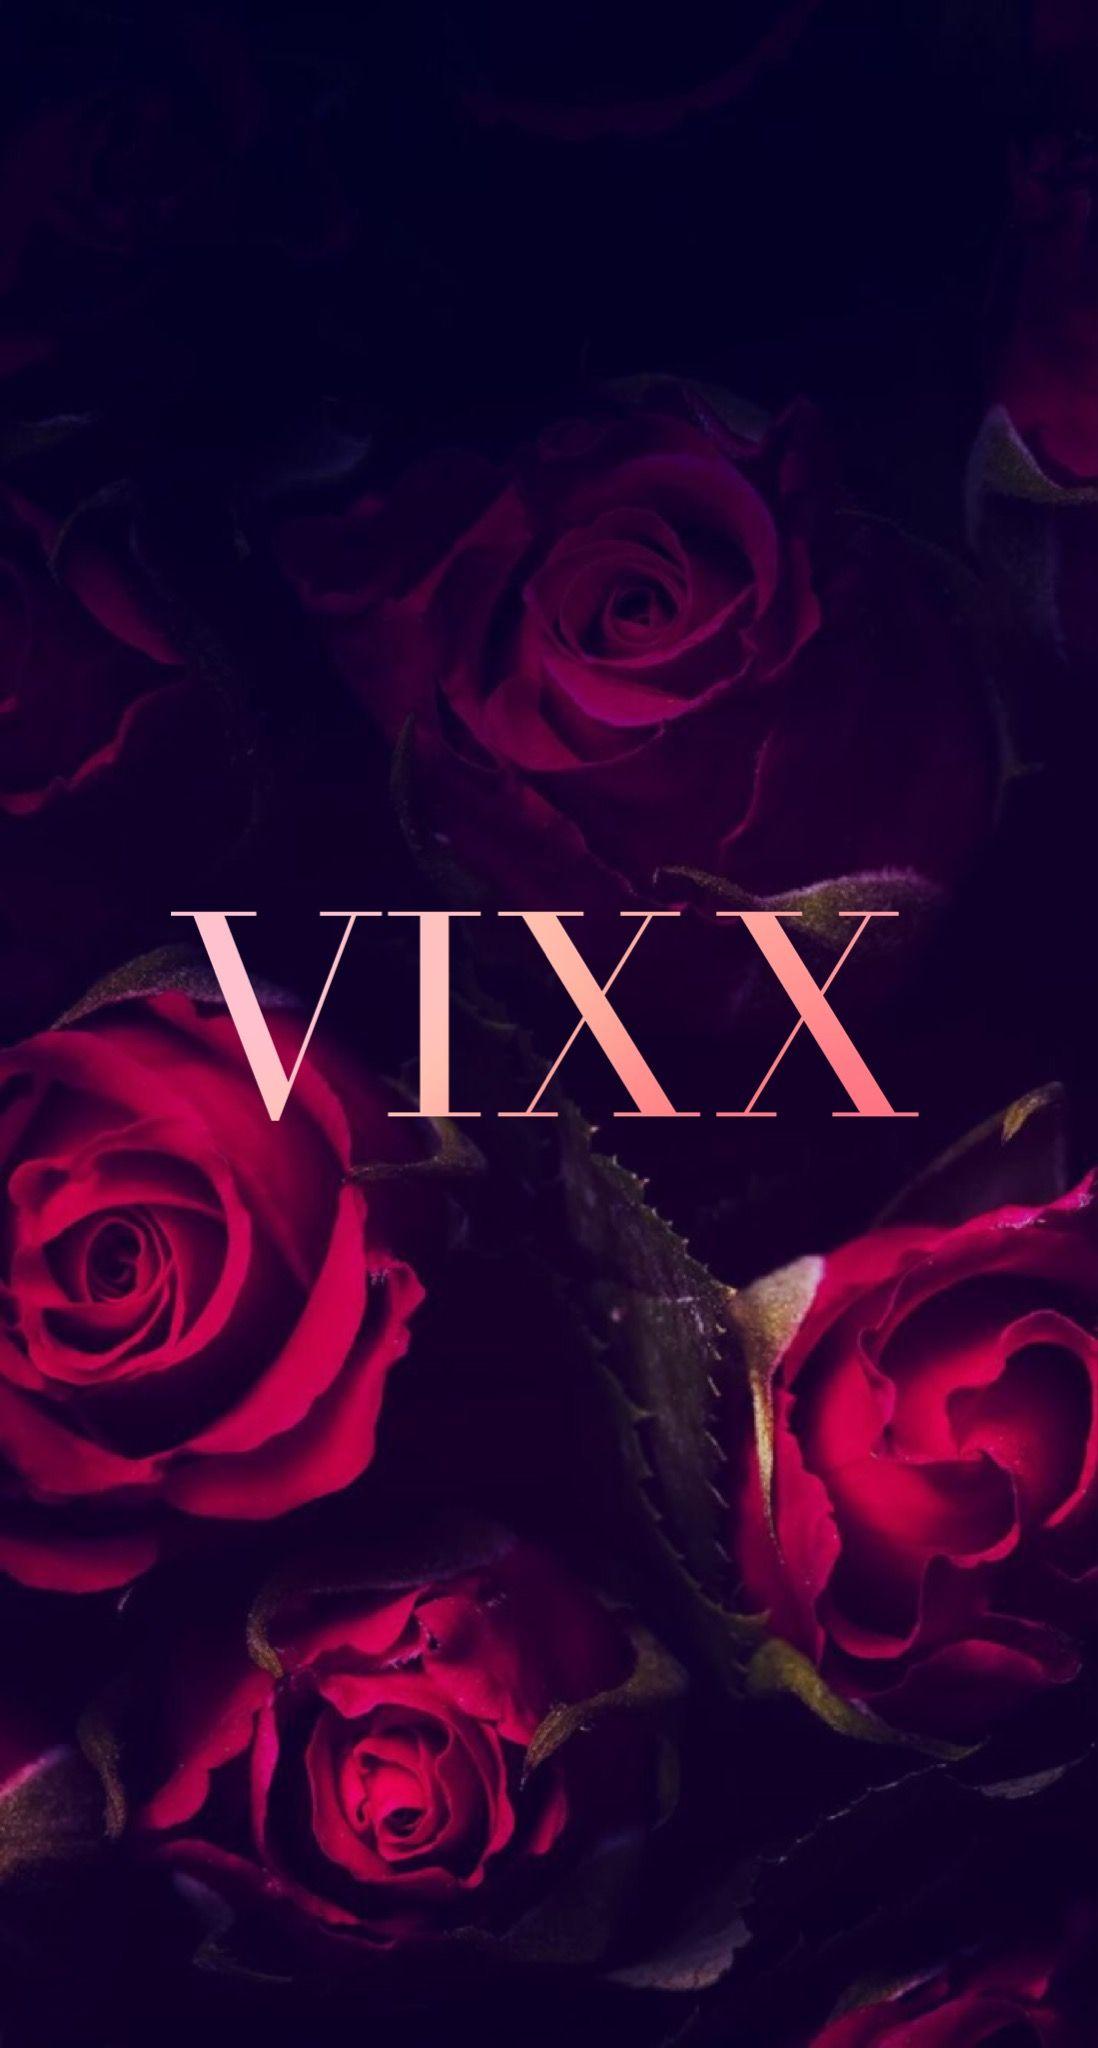 VIXX WALLPAPER Vixx Wallpaper Vixxwallpaper Starlight Kpop Cr For The Original